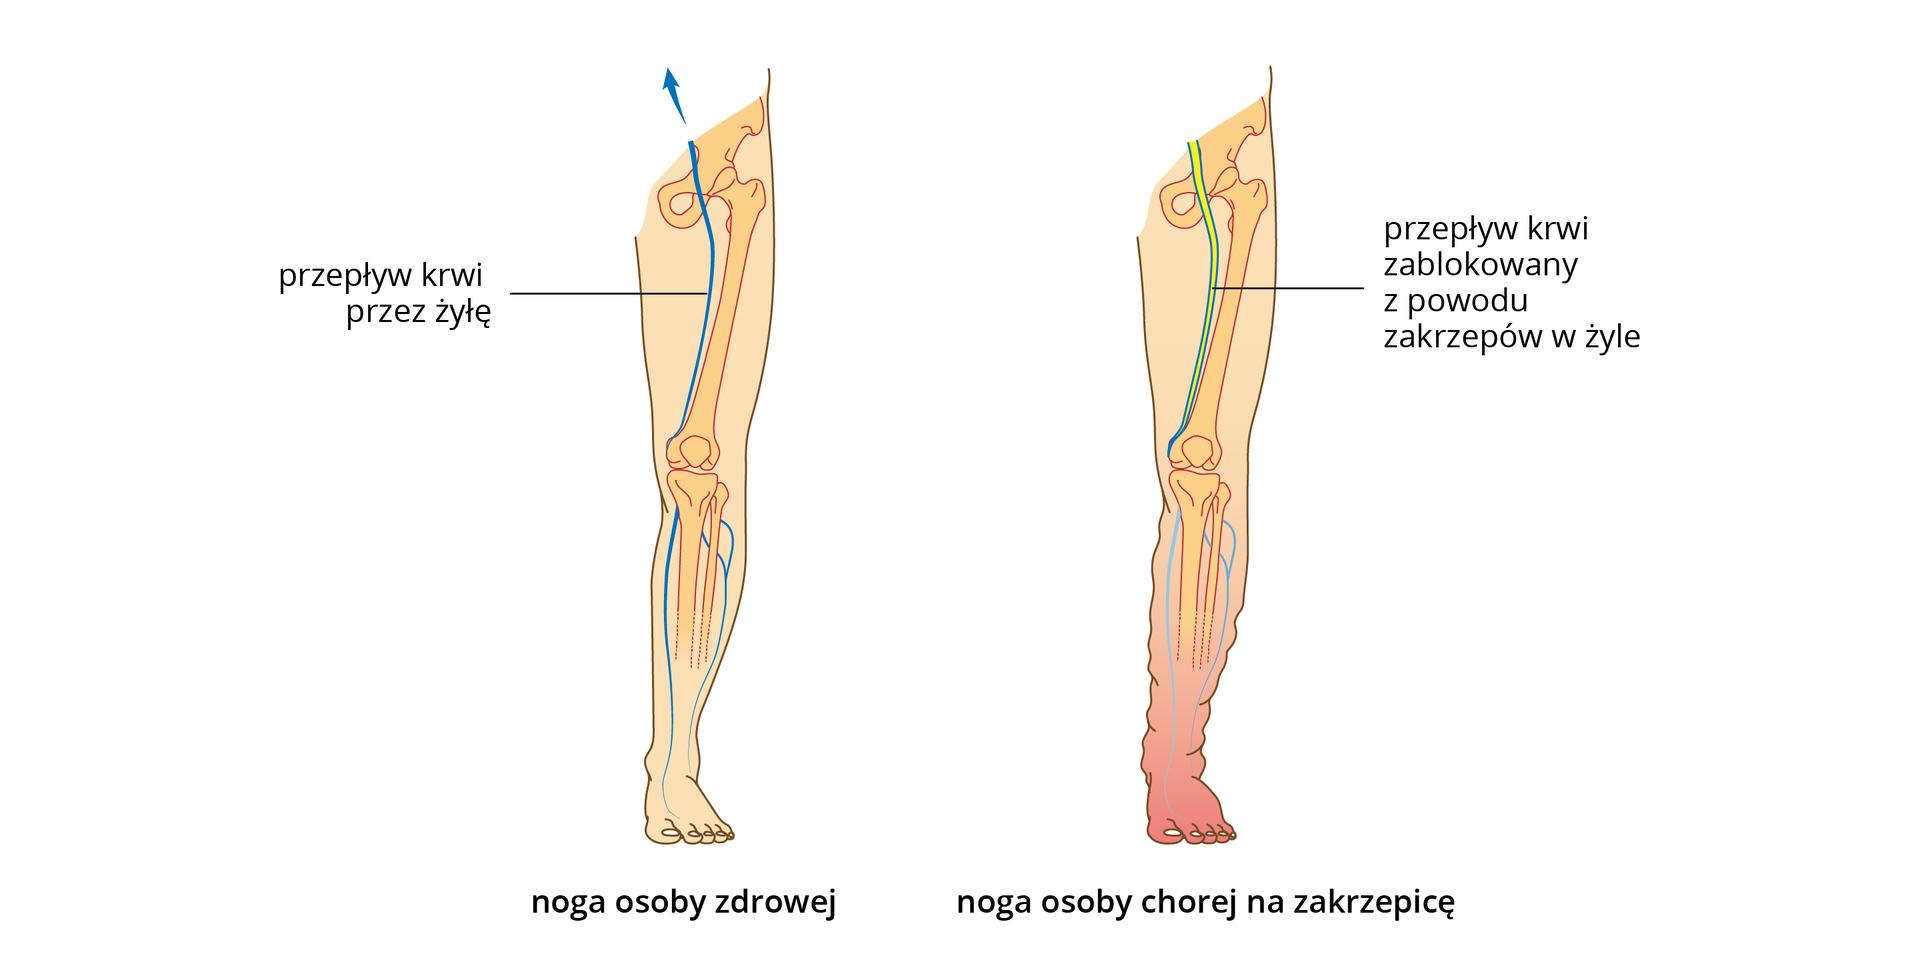 Ilustracja przedstawia różowe sylwetki nóg człowieka, zwrysowanymi kośćmi iżyłami. Noga po lewej jest zdrowa. Wnodze po prawej ugóry żółtym kolorem ukazano zakrzepy, blokujące żyłę. Noga na dole jest zaczerwieniona iobrzęknięta.